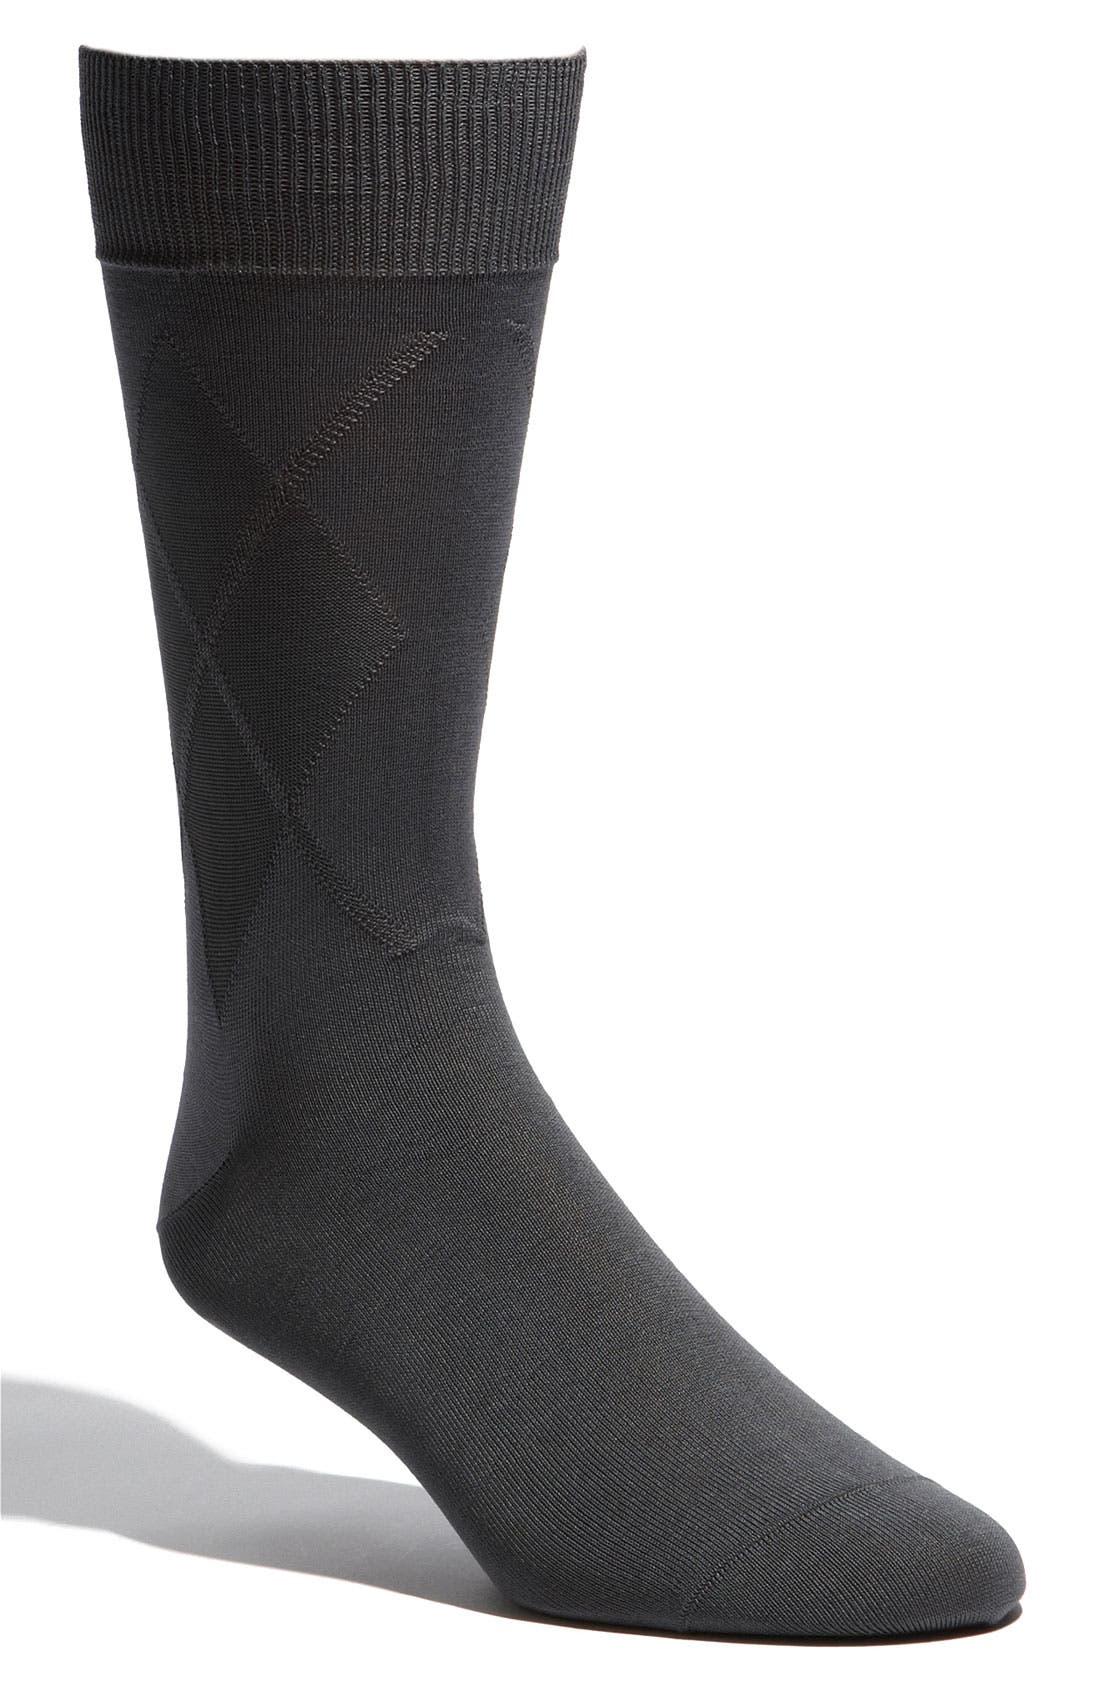 Alternate Image 1 Selected - Bugatchi Uomo 'Basic' Socks